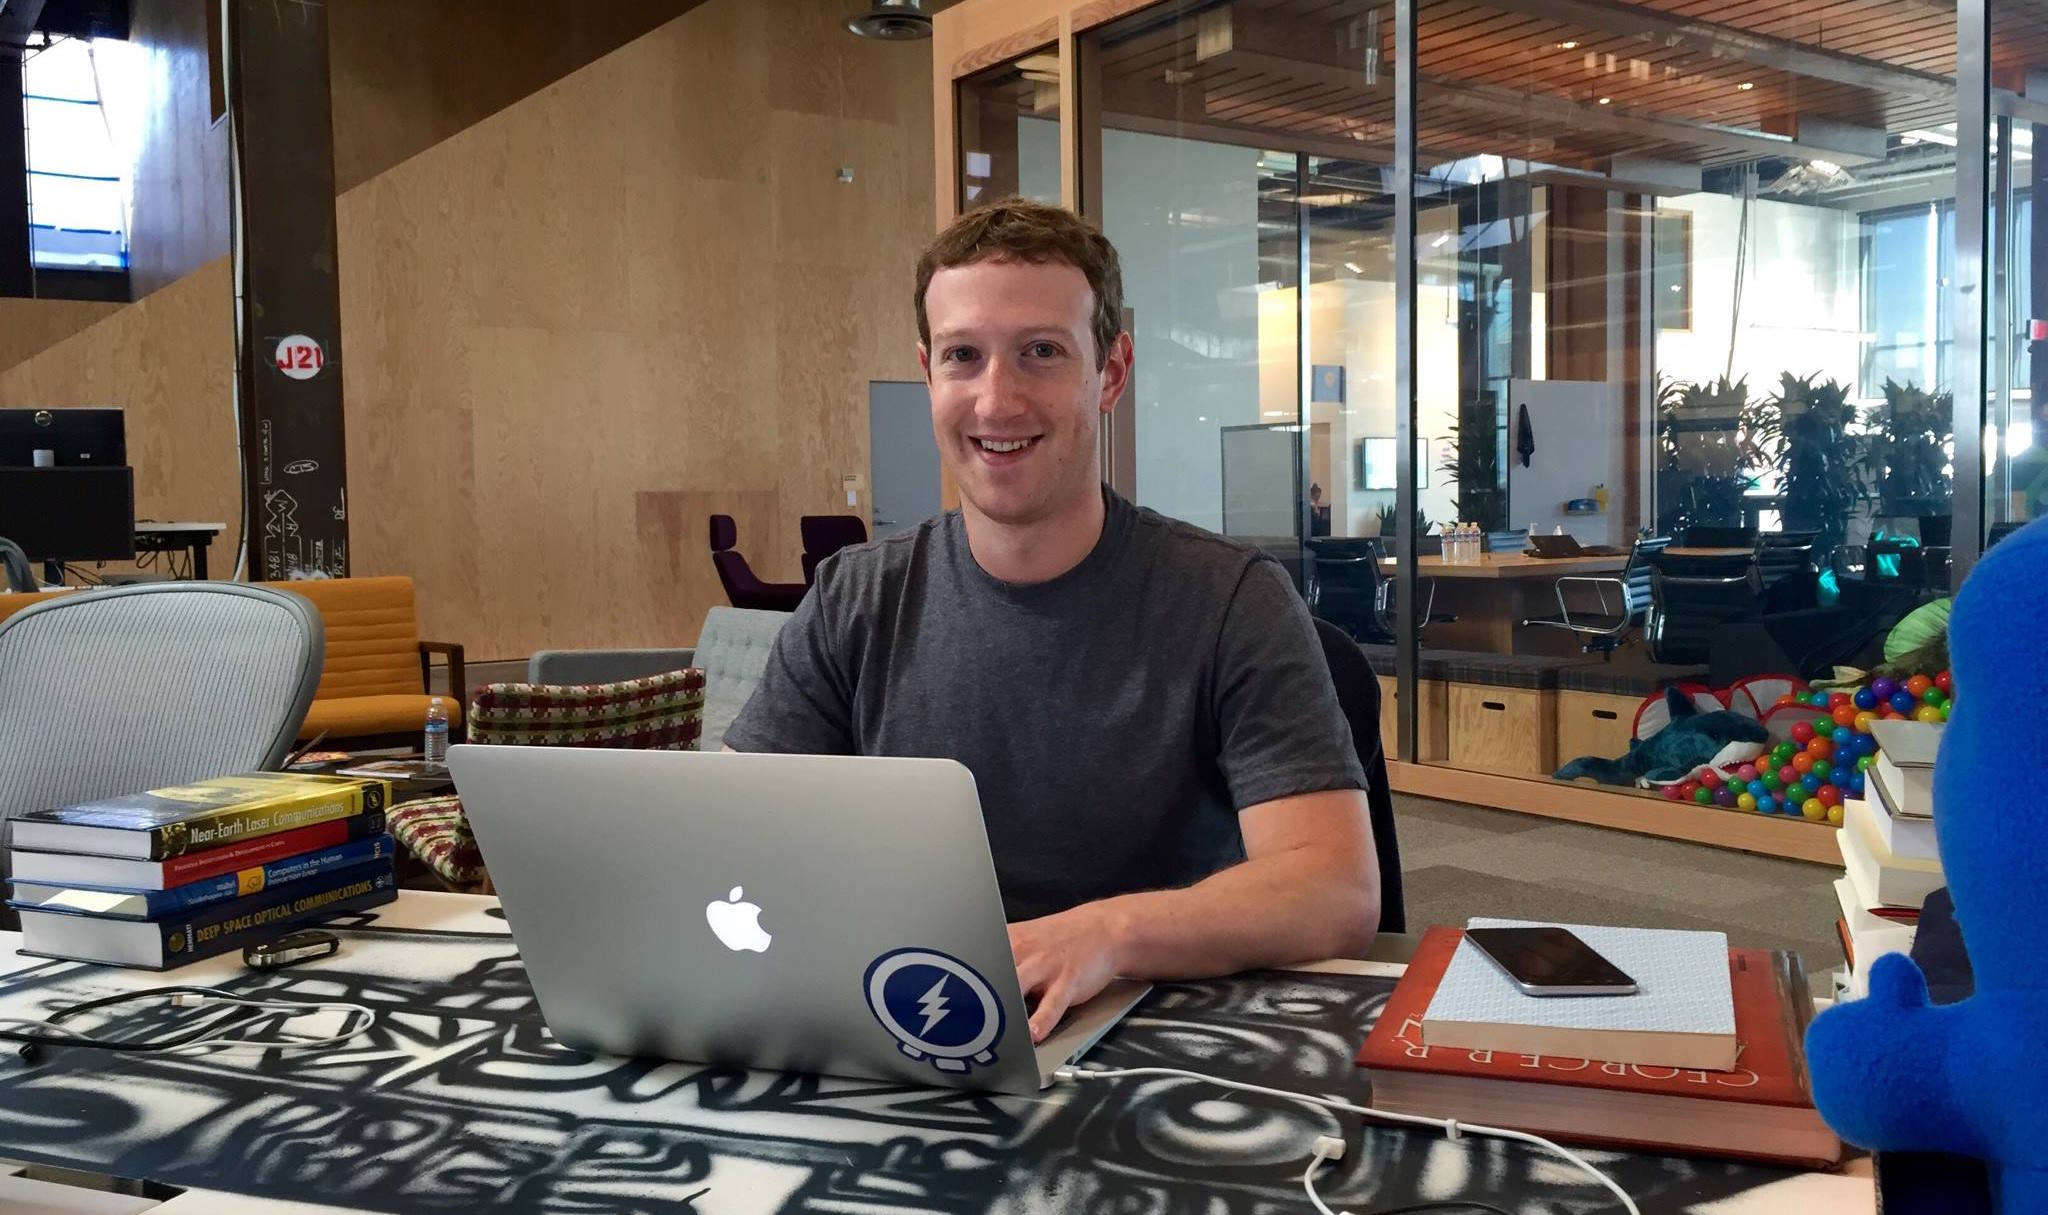 Зачем основатель Facebook заклеил микрофон и камеру MacBook? [фото дня]